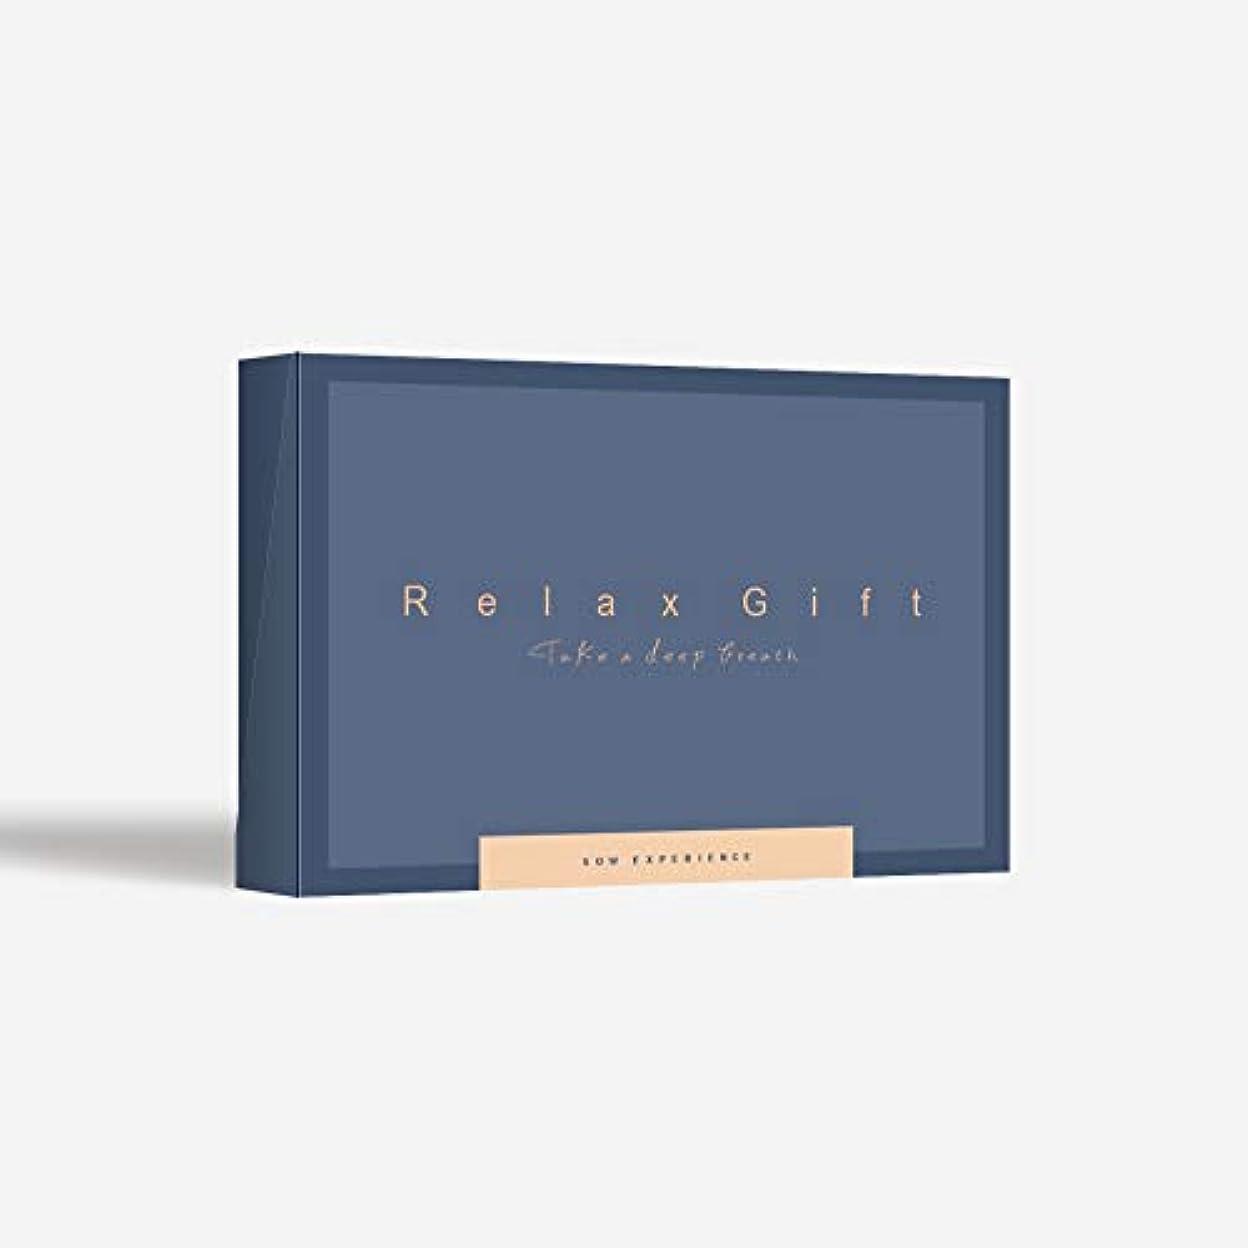 セーブ悲惨なSOW EXPERIENCE(ソウ?エクスペリエンス) 体験型カタログギフト Relax Gift(BLUE)